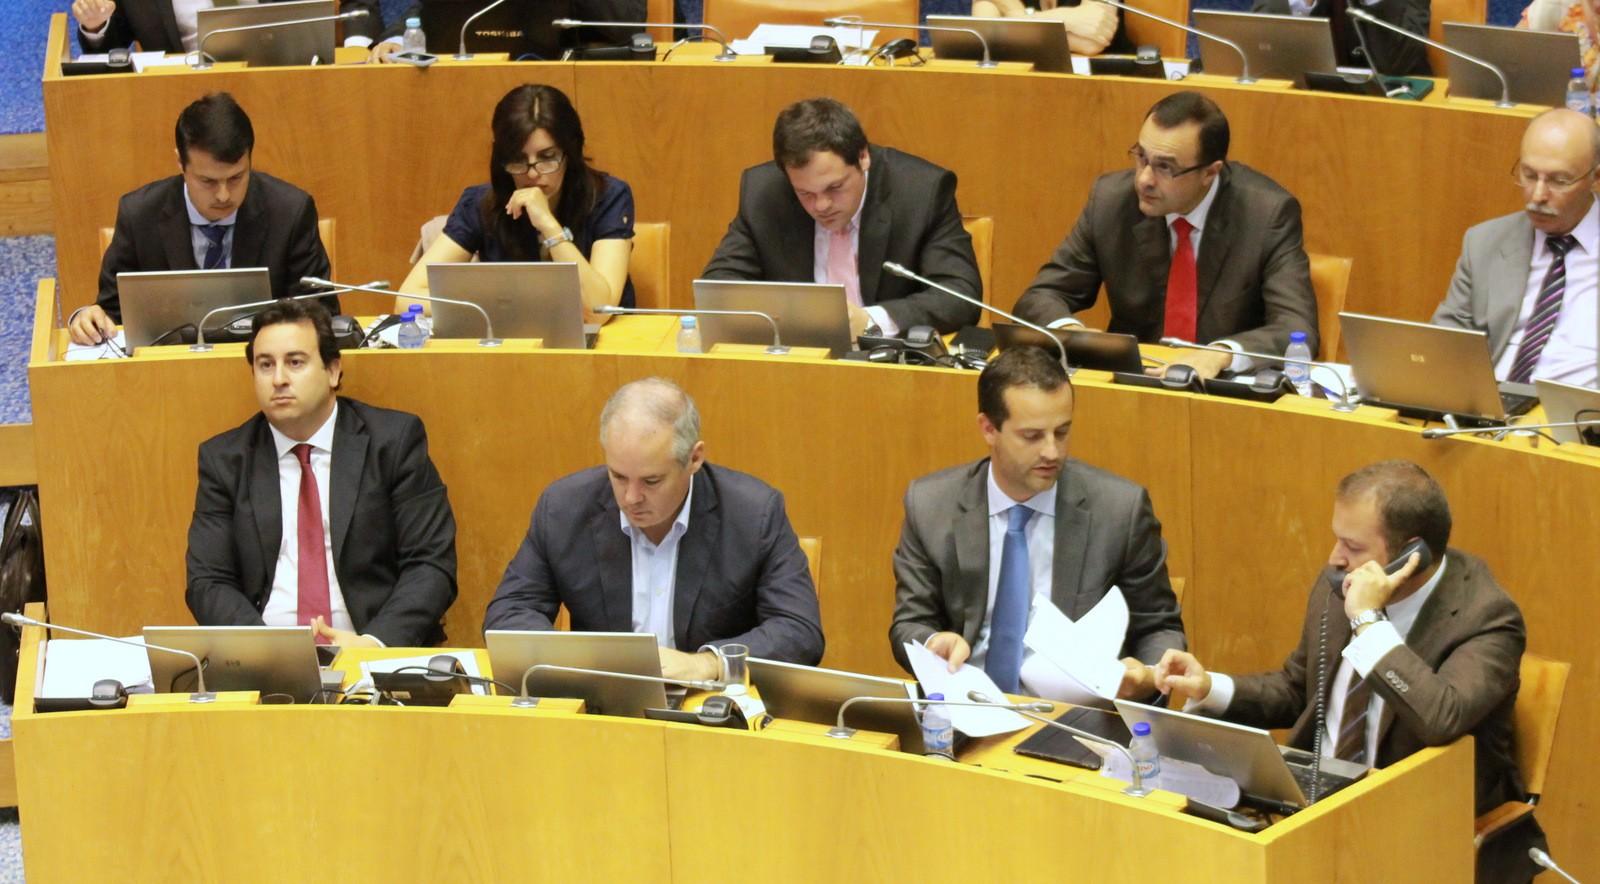 Grupo Parlamentar do PS debate crescimento, emprego e valorização da produção local, em São Jorge a 7,8 e 9 de junho